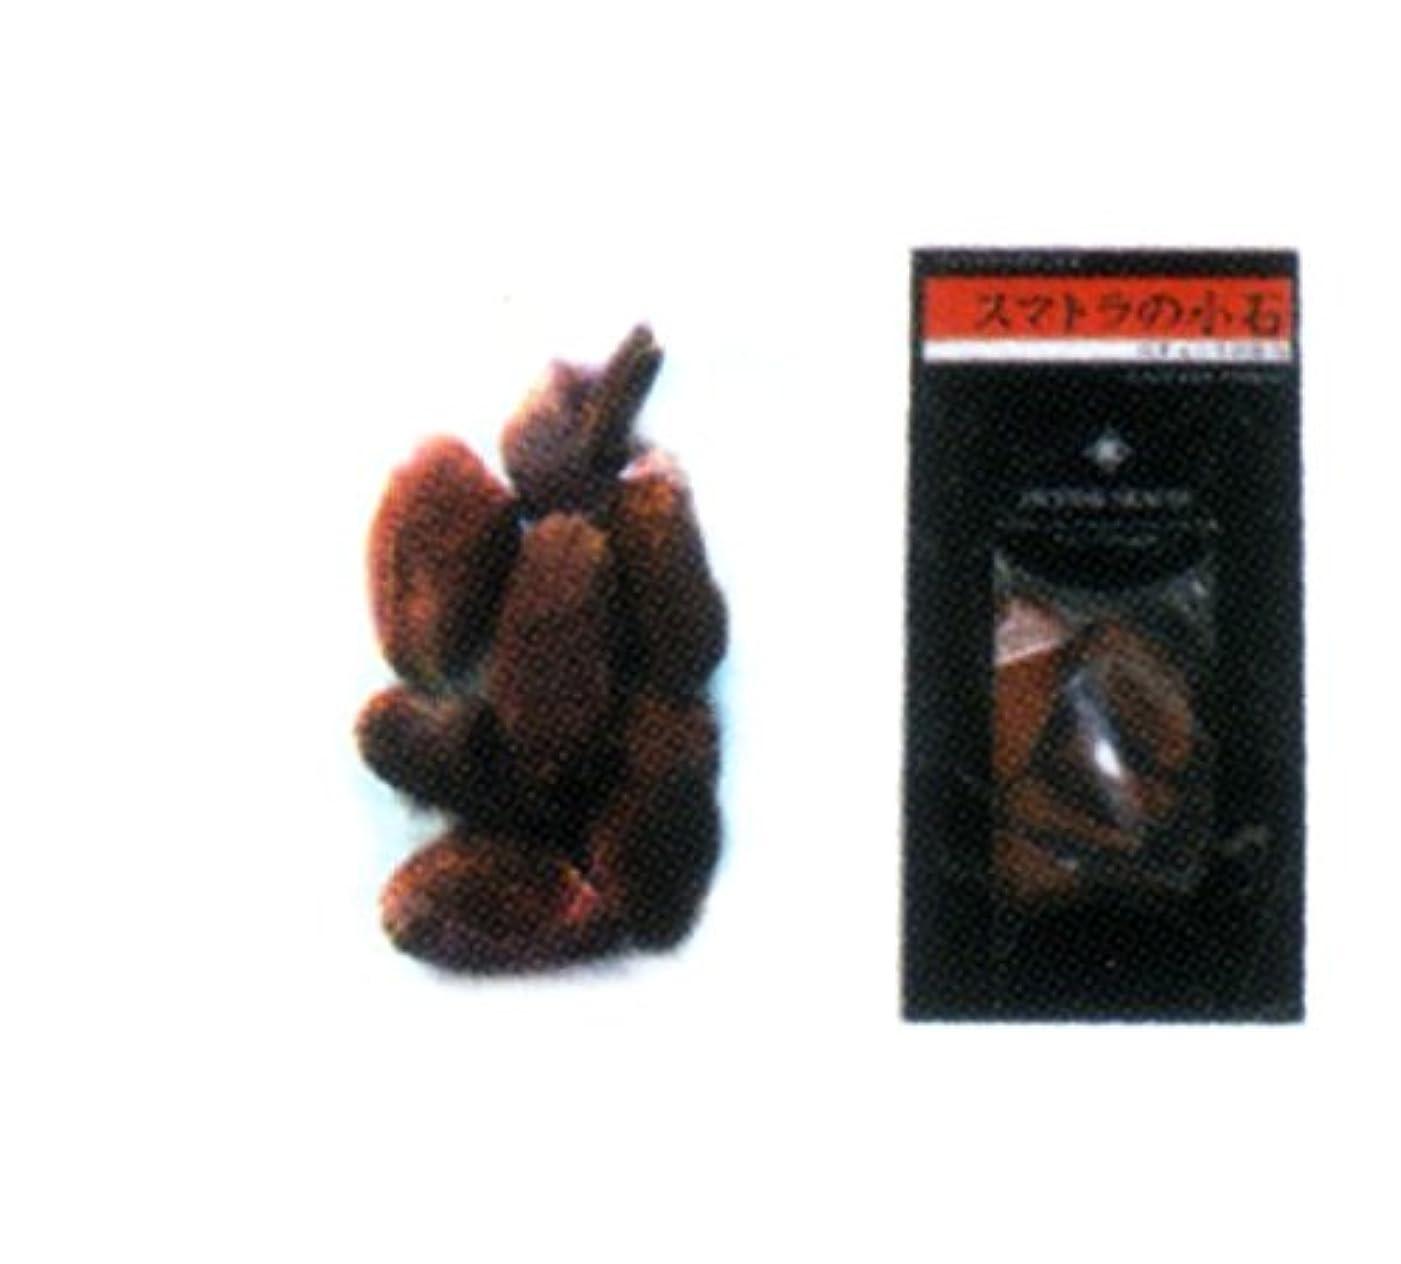 発揮する制限された高めるインセンスヘブン(100%天然手作りのお香) スマトラの石